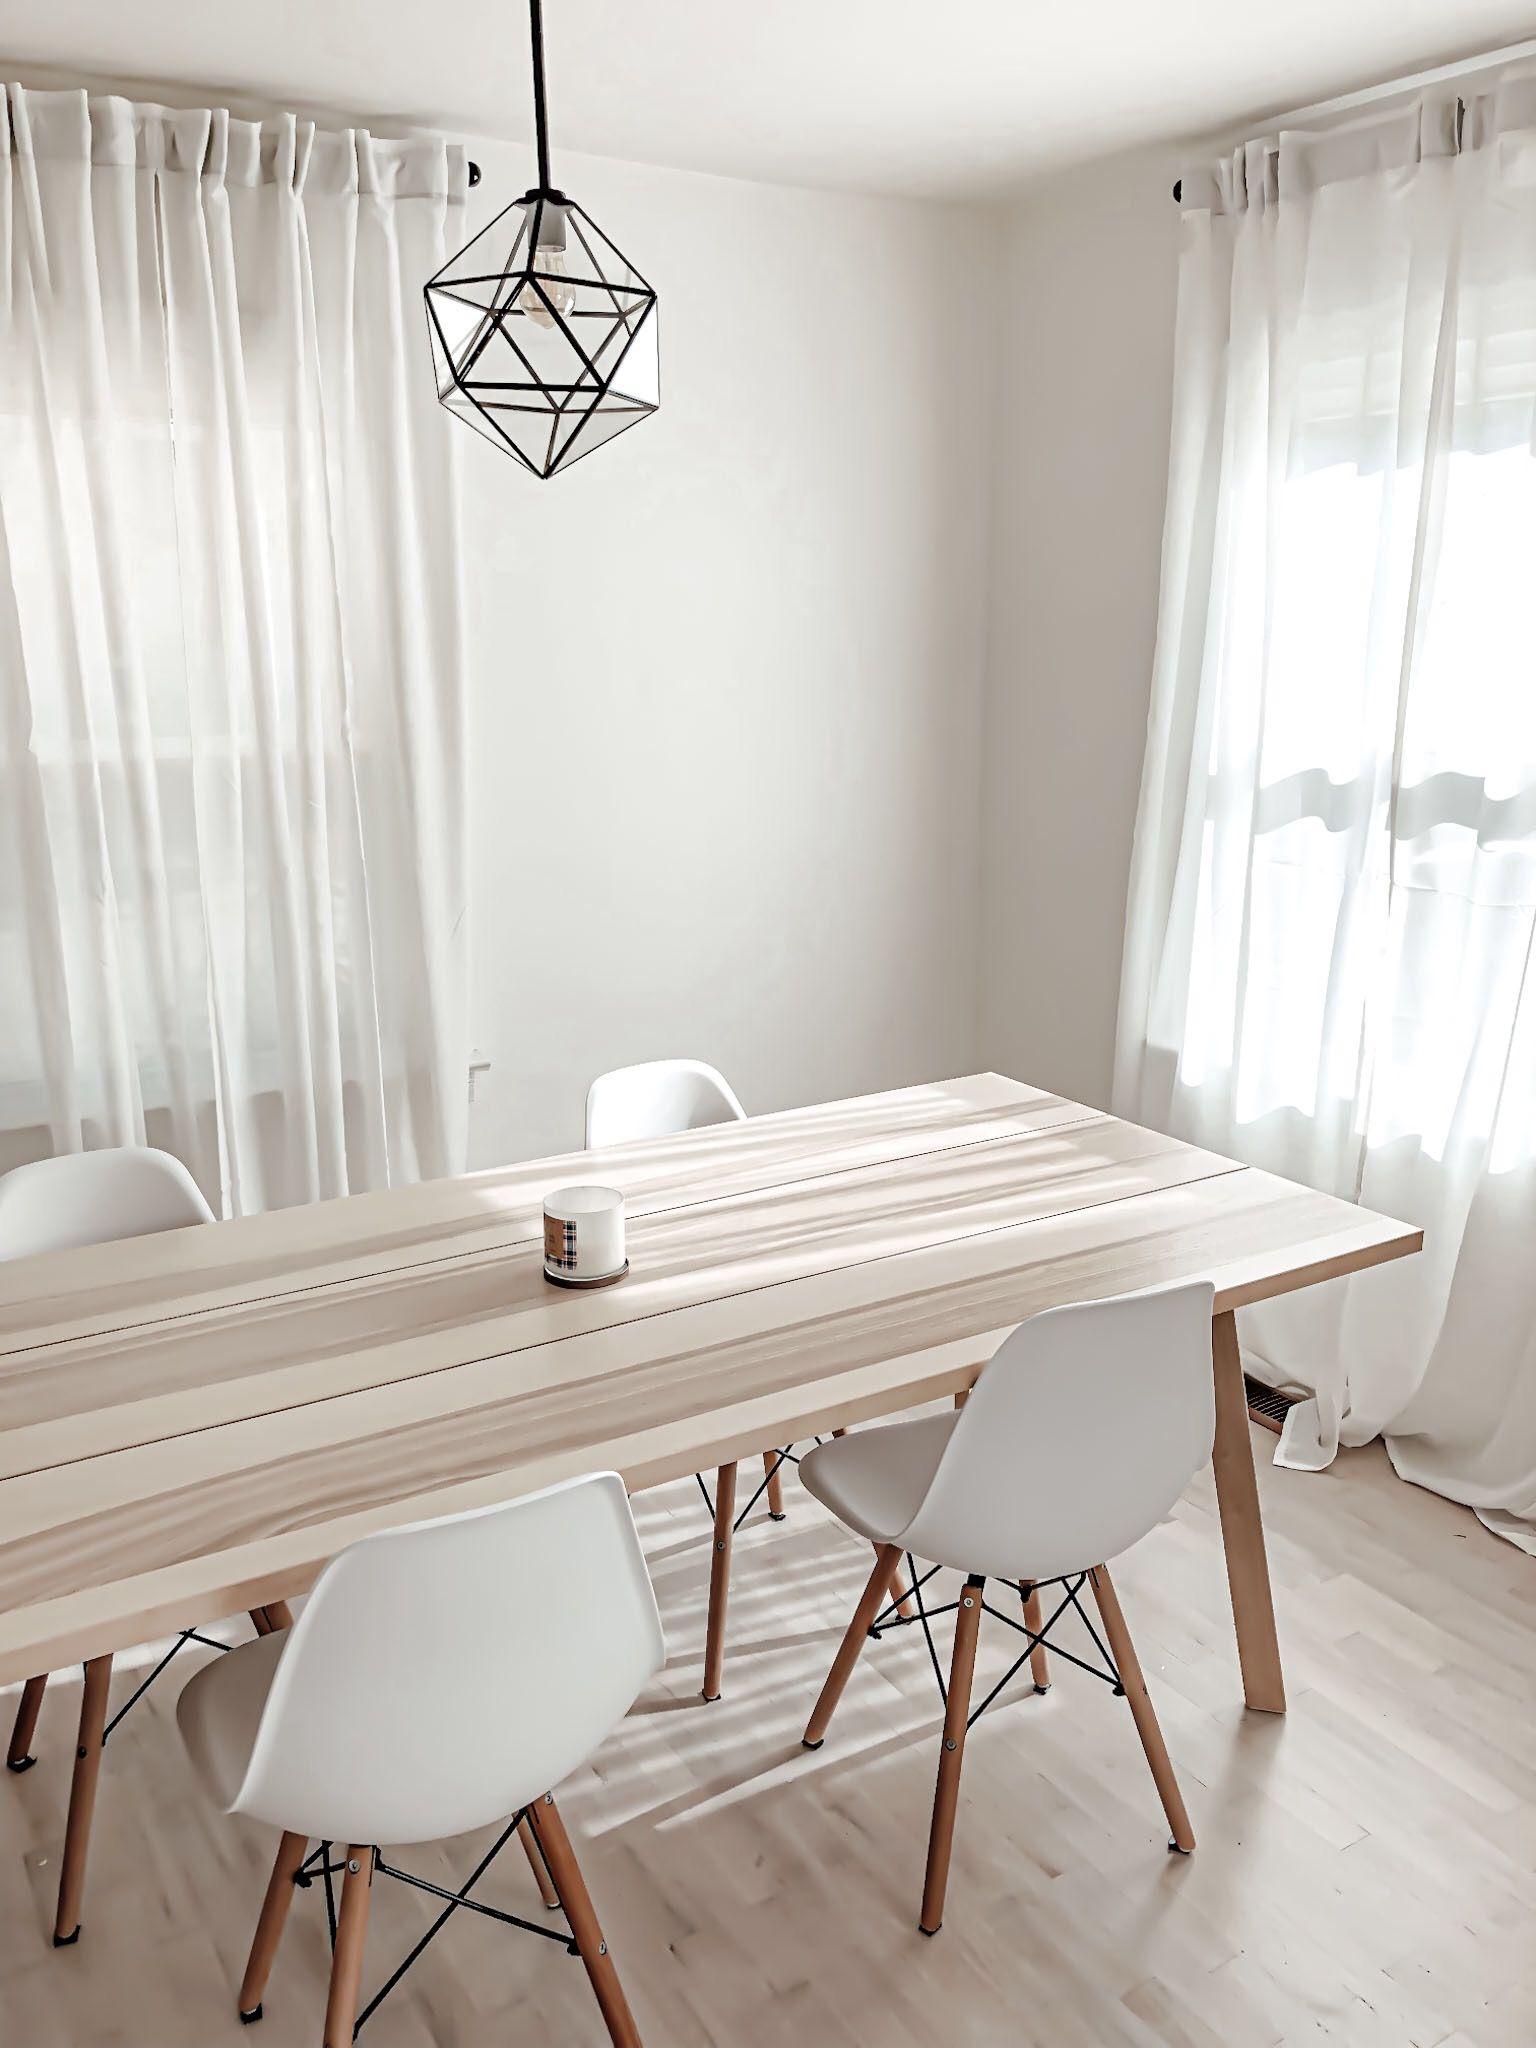 Scandinavian Style Scandinavian Dining Room Dinning Room Decor Living Room Decor Neutral